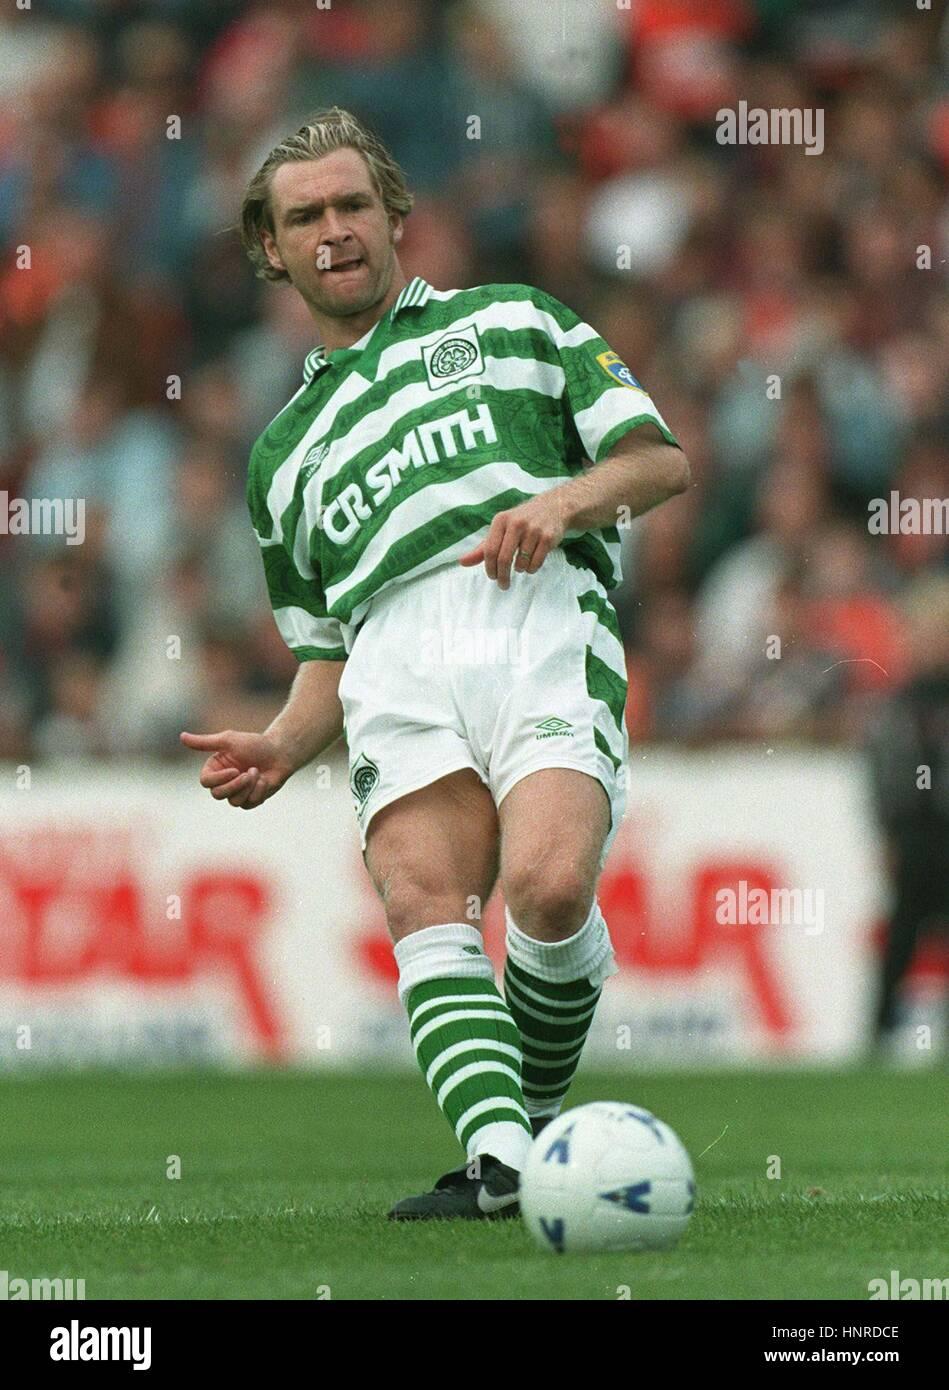 PETER GRANT GLASGOW CELTIC FC 15 September 1996 - Stock Image